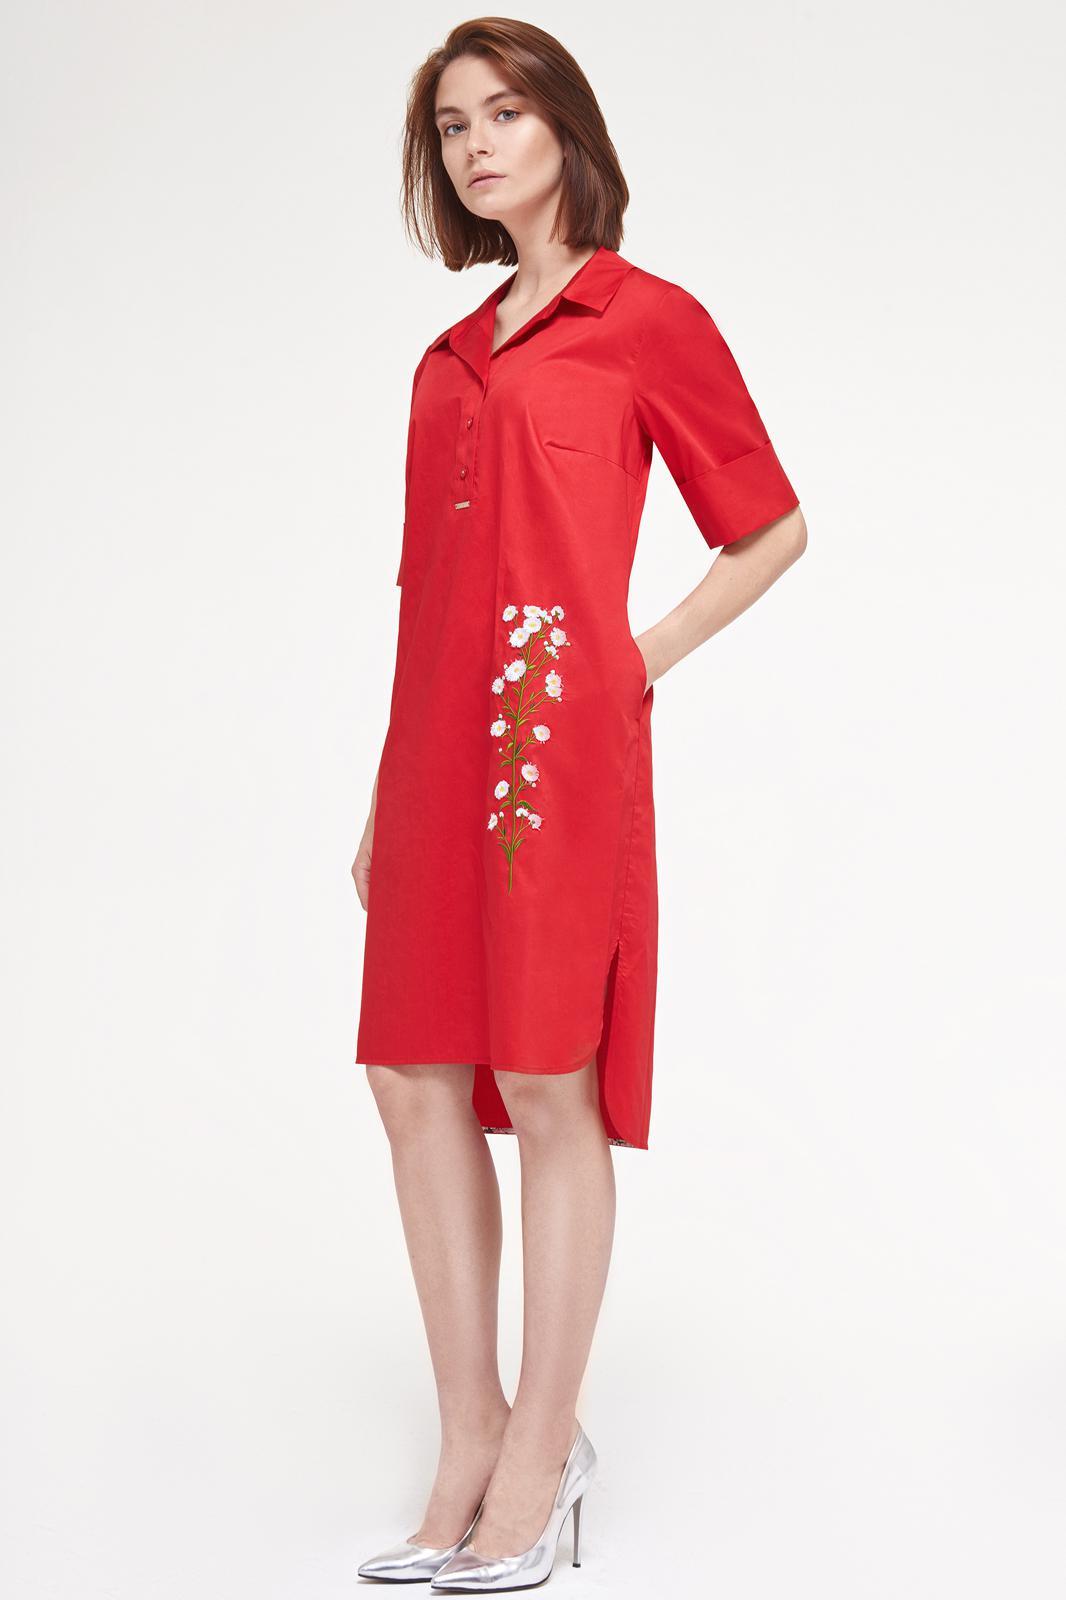 Купить Платье Prestige, 3363 красный, Беларусь